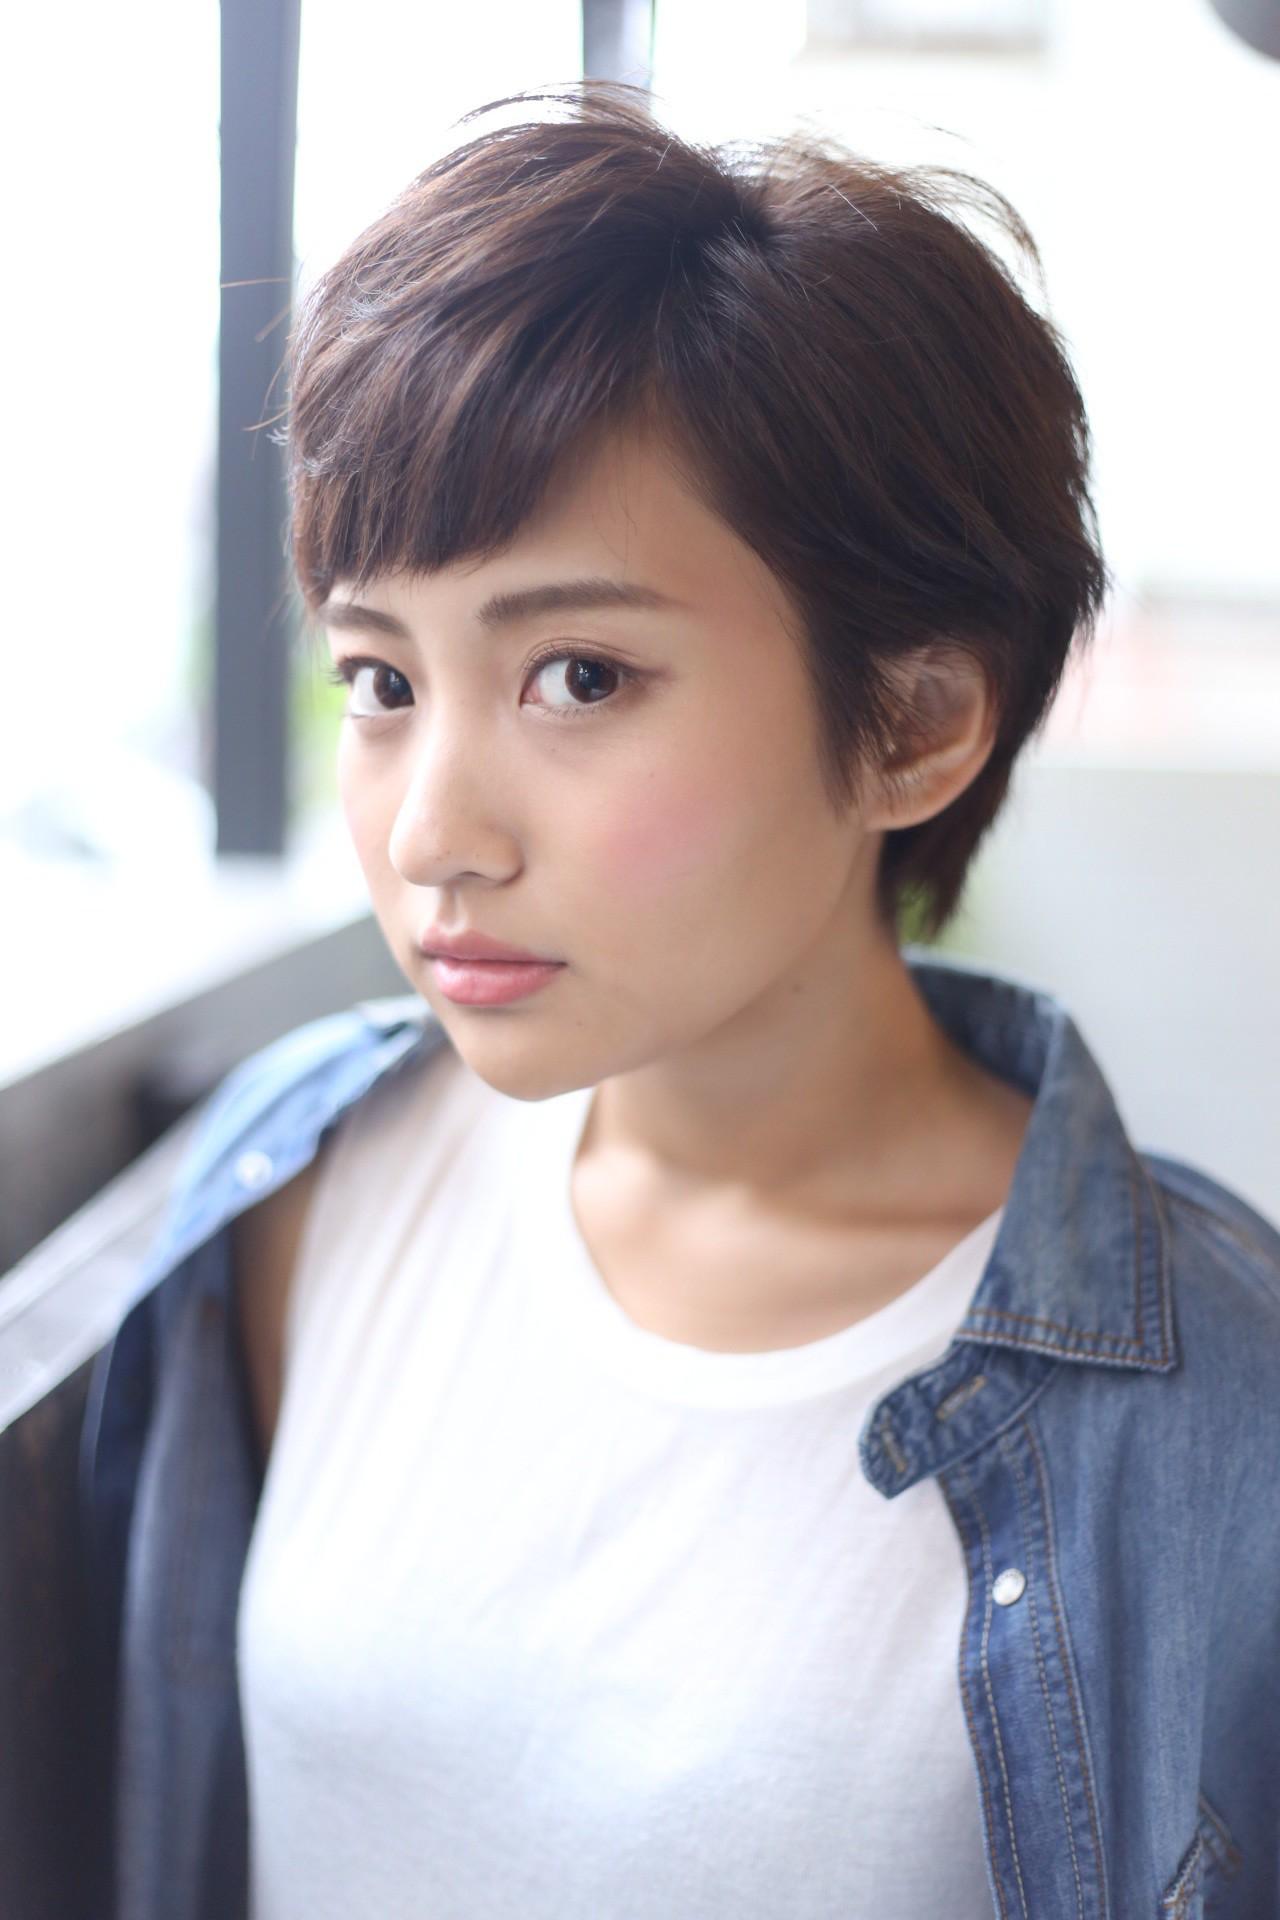 【Яе】takahashi ダークトーンショートスタイル